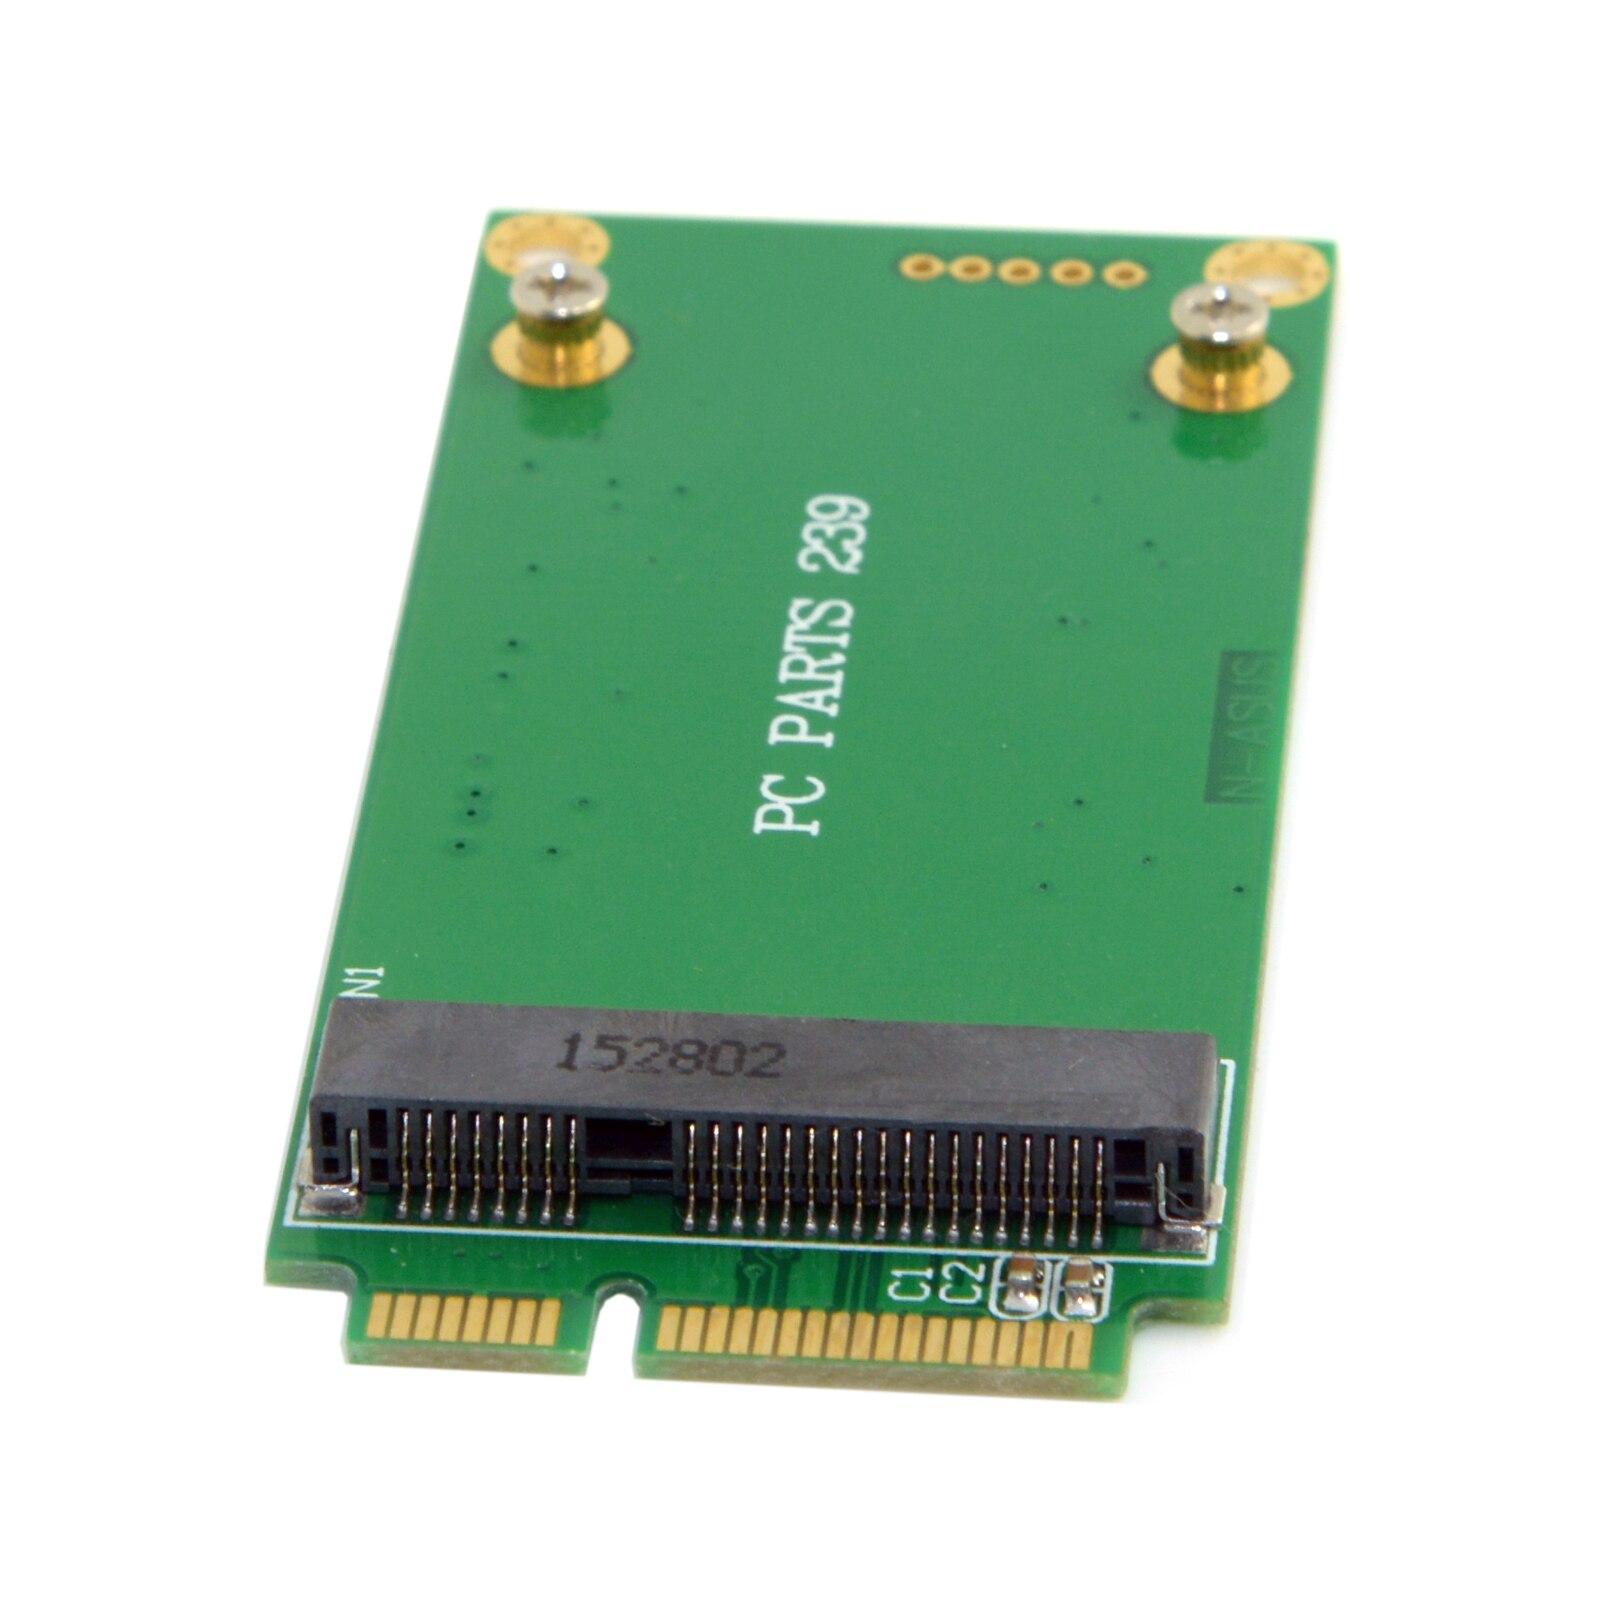 3x5cm mSATA Adapter to 3x7cm Mini PCI-e SATA SSD for Asus Eee PC 1000 S101 900 901 900A T91